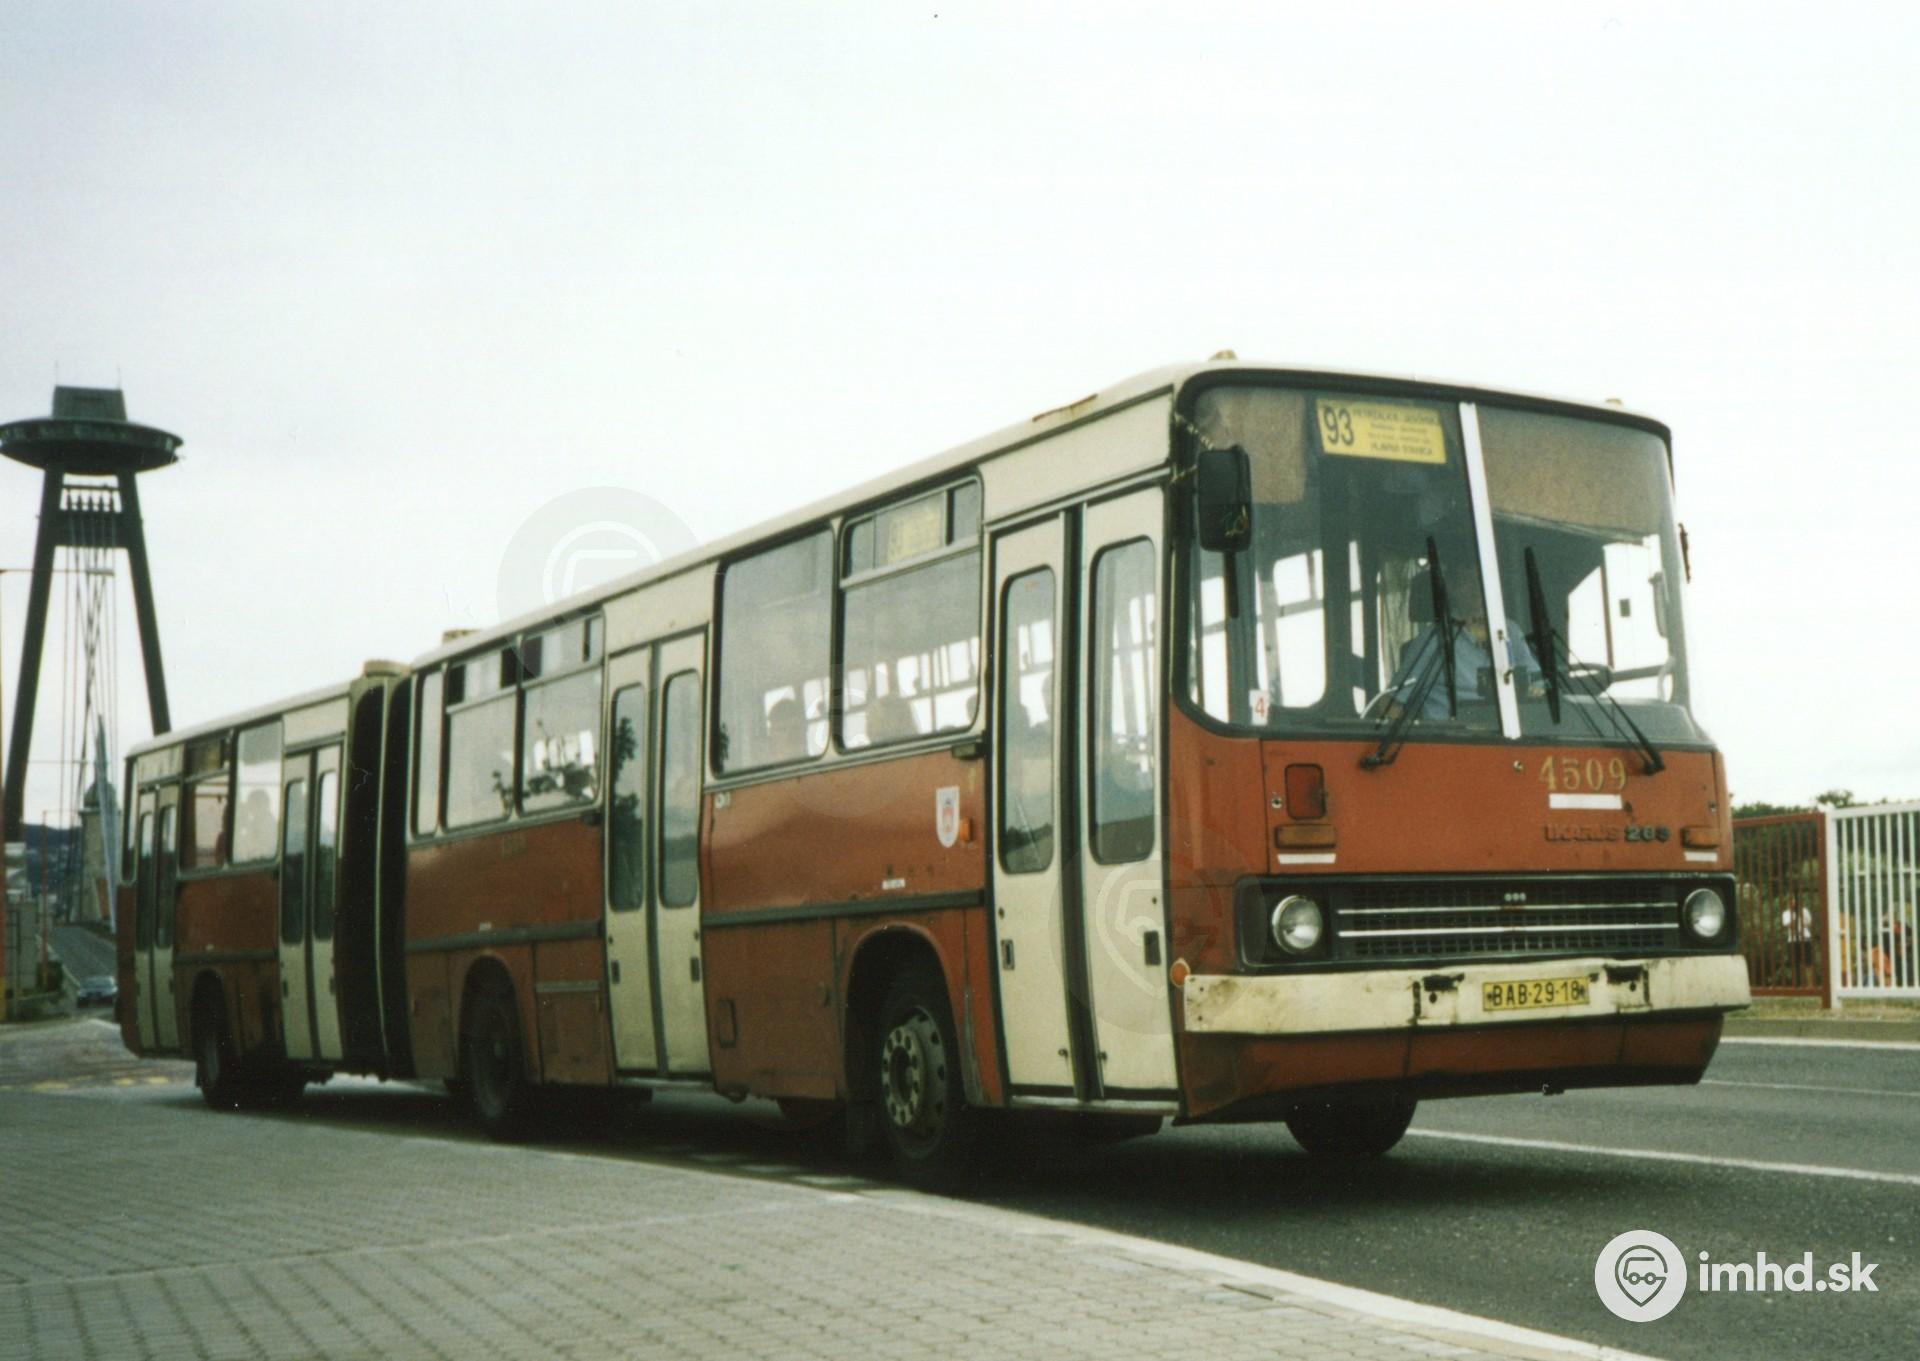 Ikarus 283 4509 Bratislava